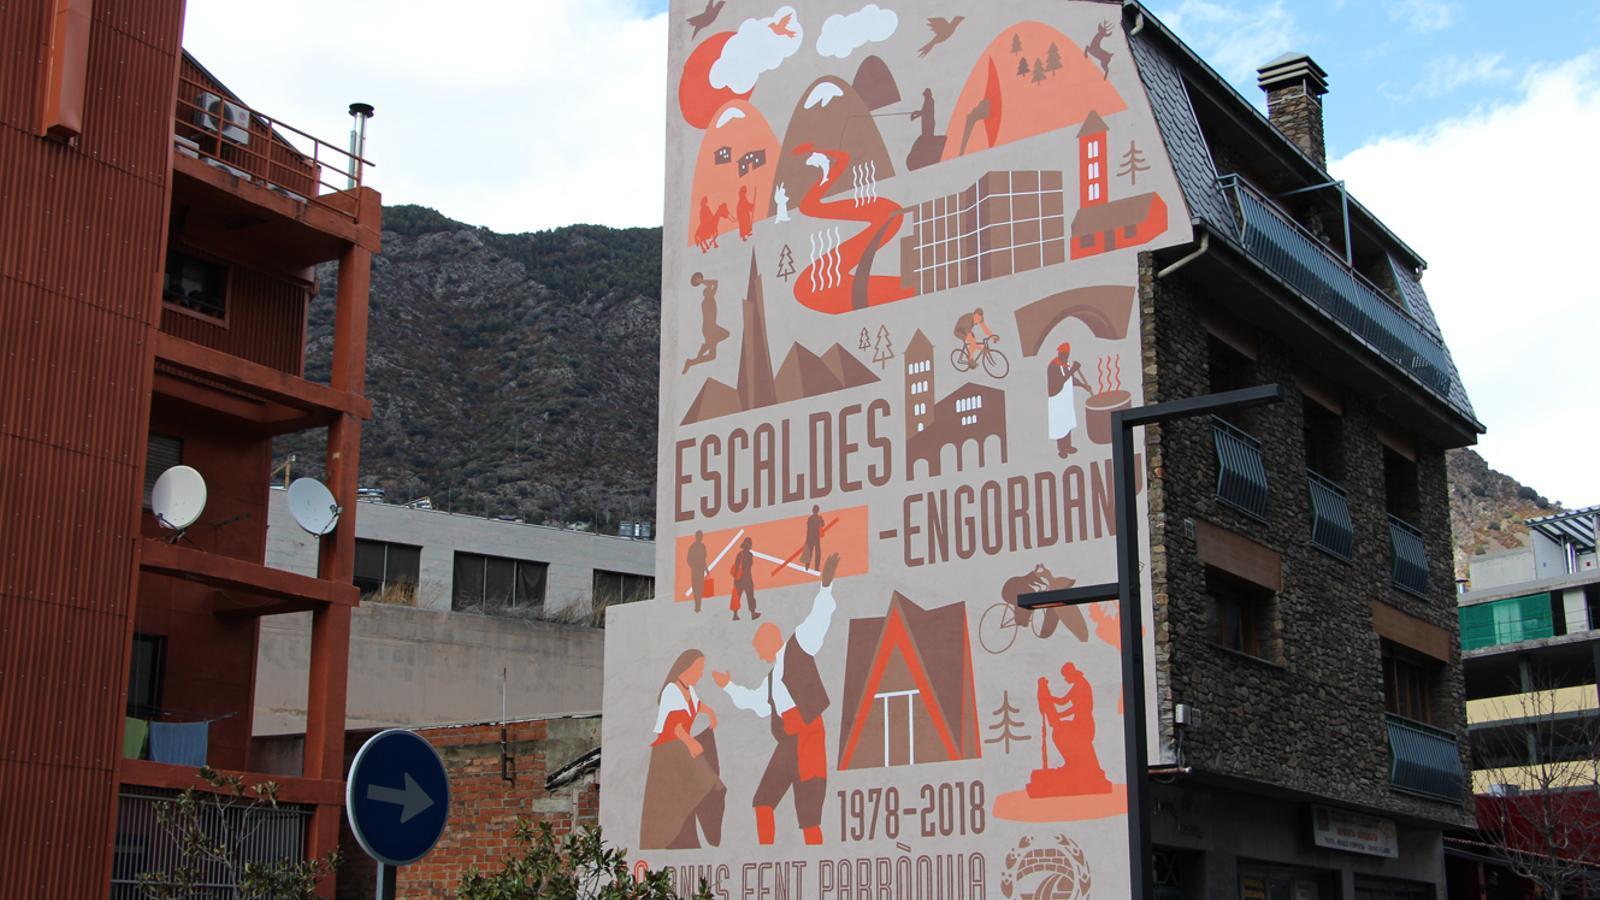 El mural de la façana dels Tres Diners d'Escaldes-Engordany. / ARXIU ANA